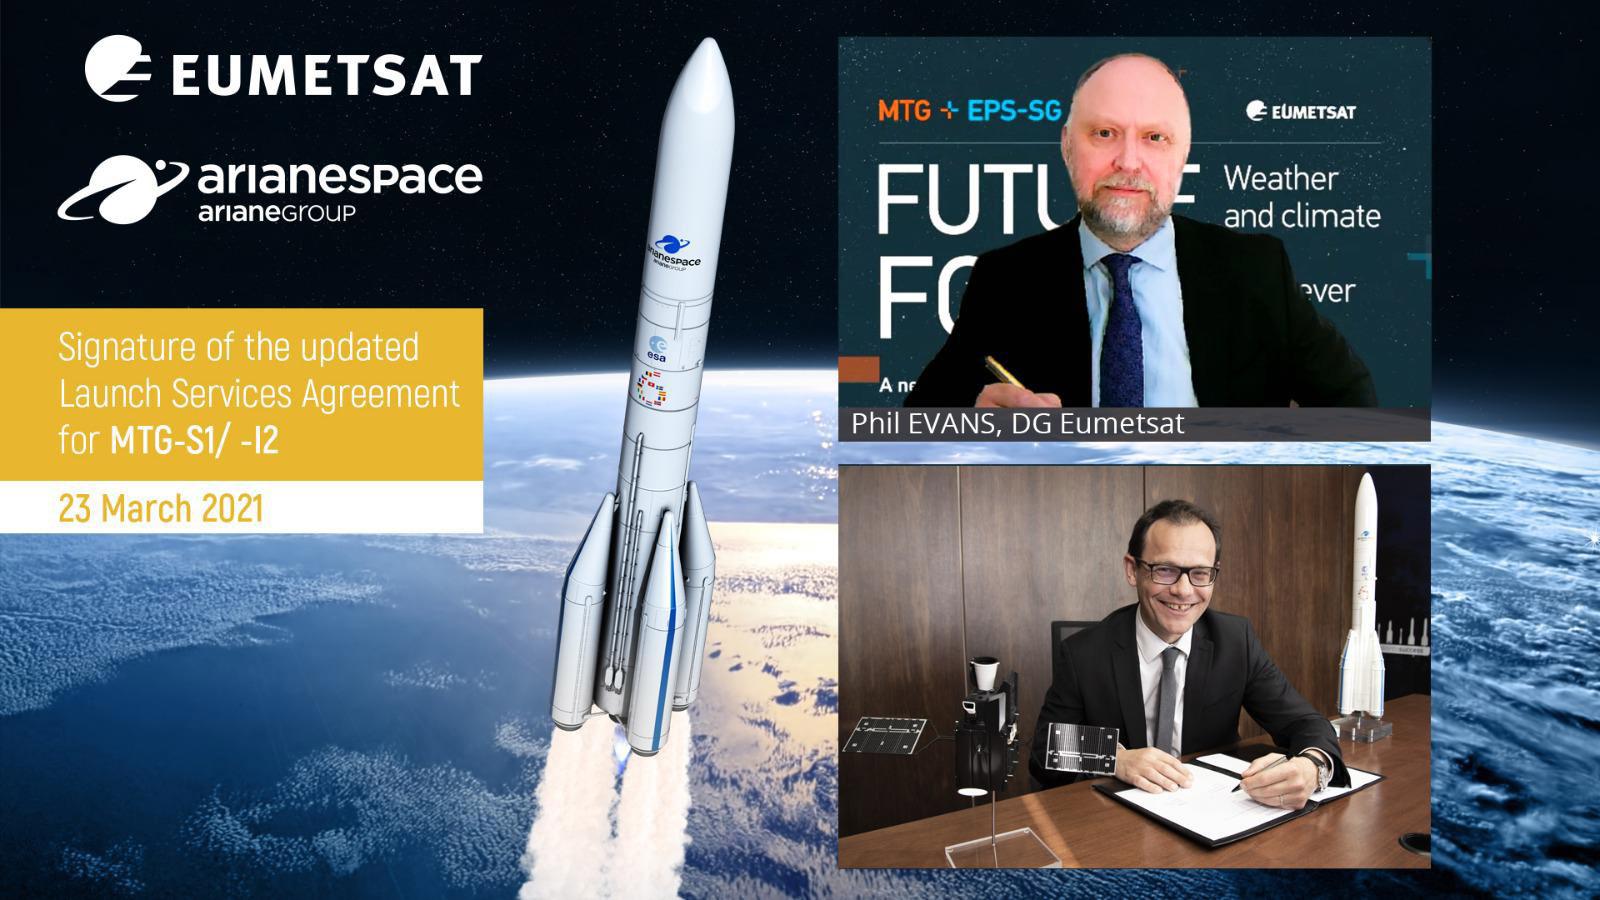 EUM-ArianeSpace